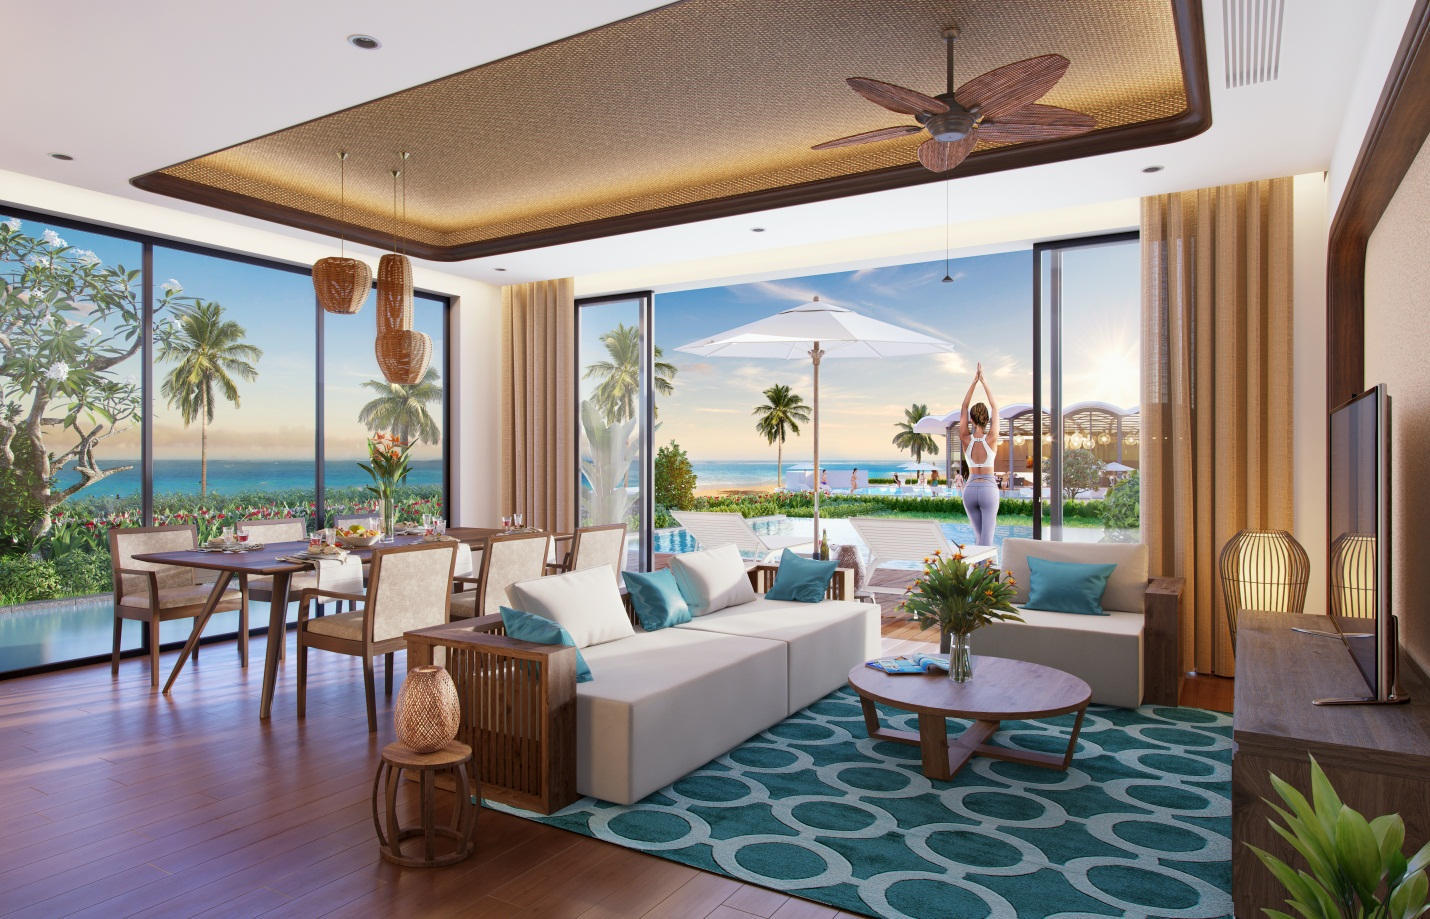 Tại Best Western Premier Sonasea Phu Quoc, các ô cửa kính rộng được sử dụng tối đa, mang đến không gian chan hòa cùng thiên nhiên